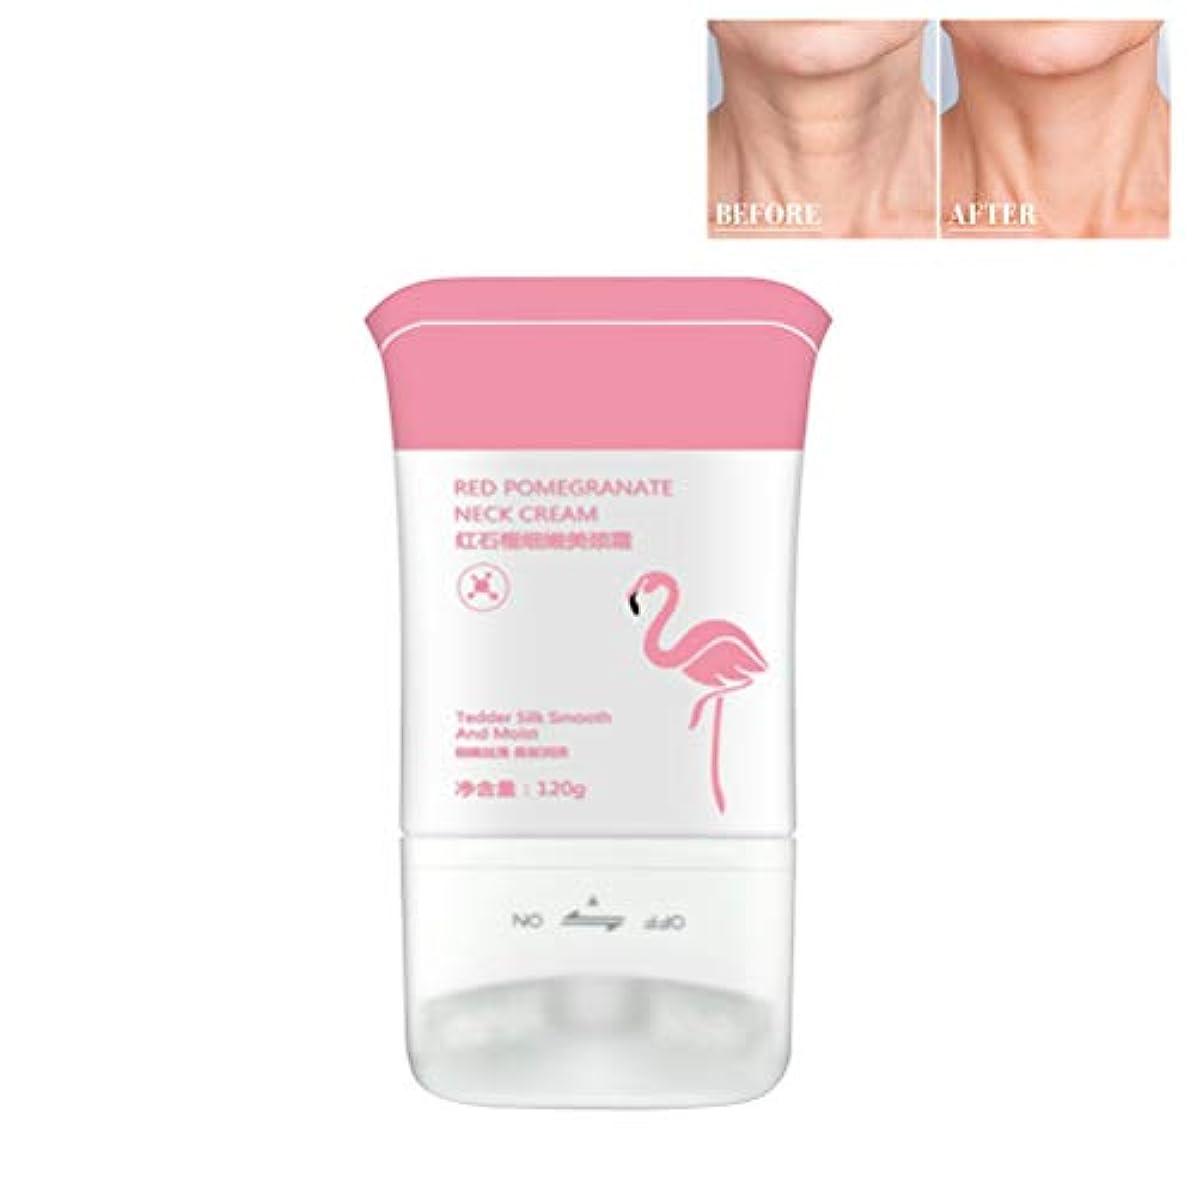 鰐倫理的に対してCreacom ネッククリーム ローラークリーム しわを取り除く 補水 保湿 首紋を解消する ネックマスク スキンケア 美白 美肌 美容 保湿 栄養 ファーミング シワを防ぐ 男女兼用 120g